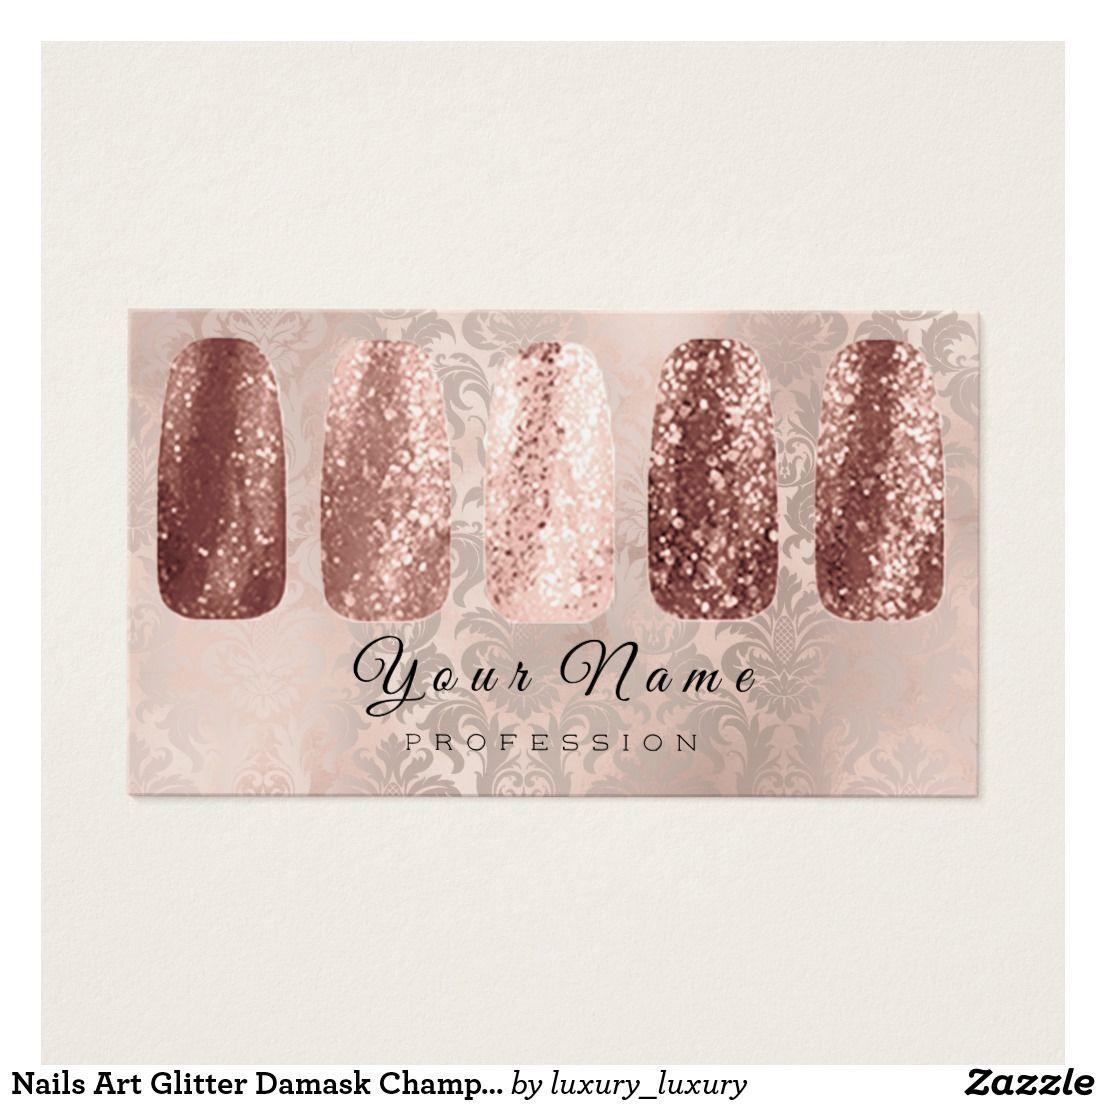 Nagel Kunst Glitzer Damast Champagne Rosen Gold Visitenkarte